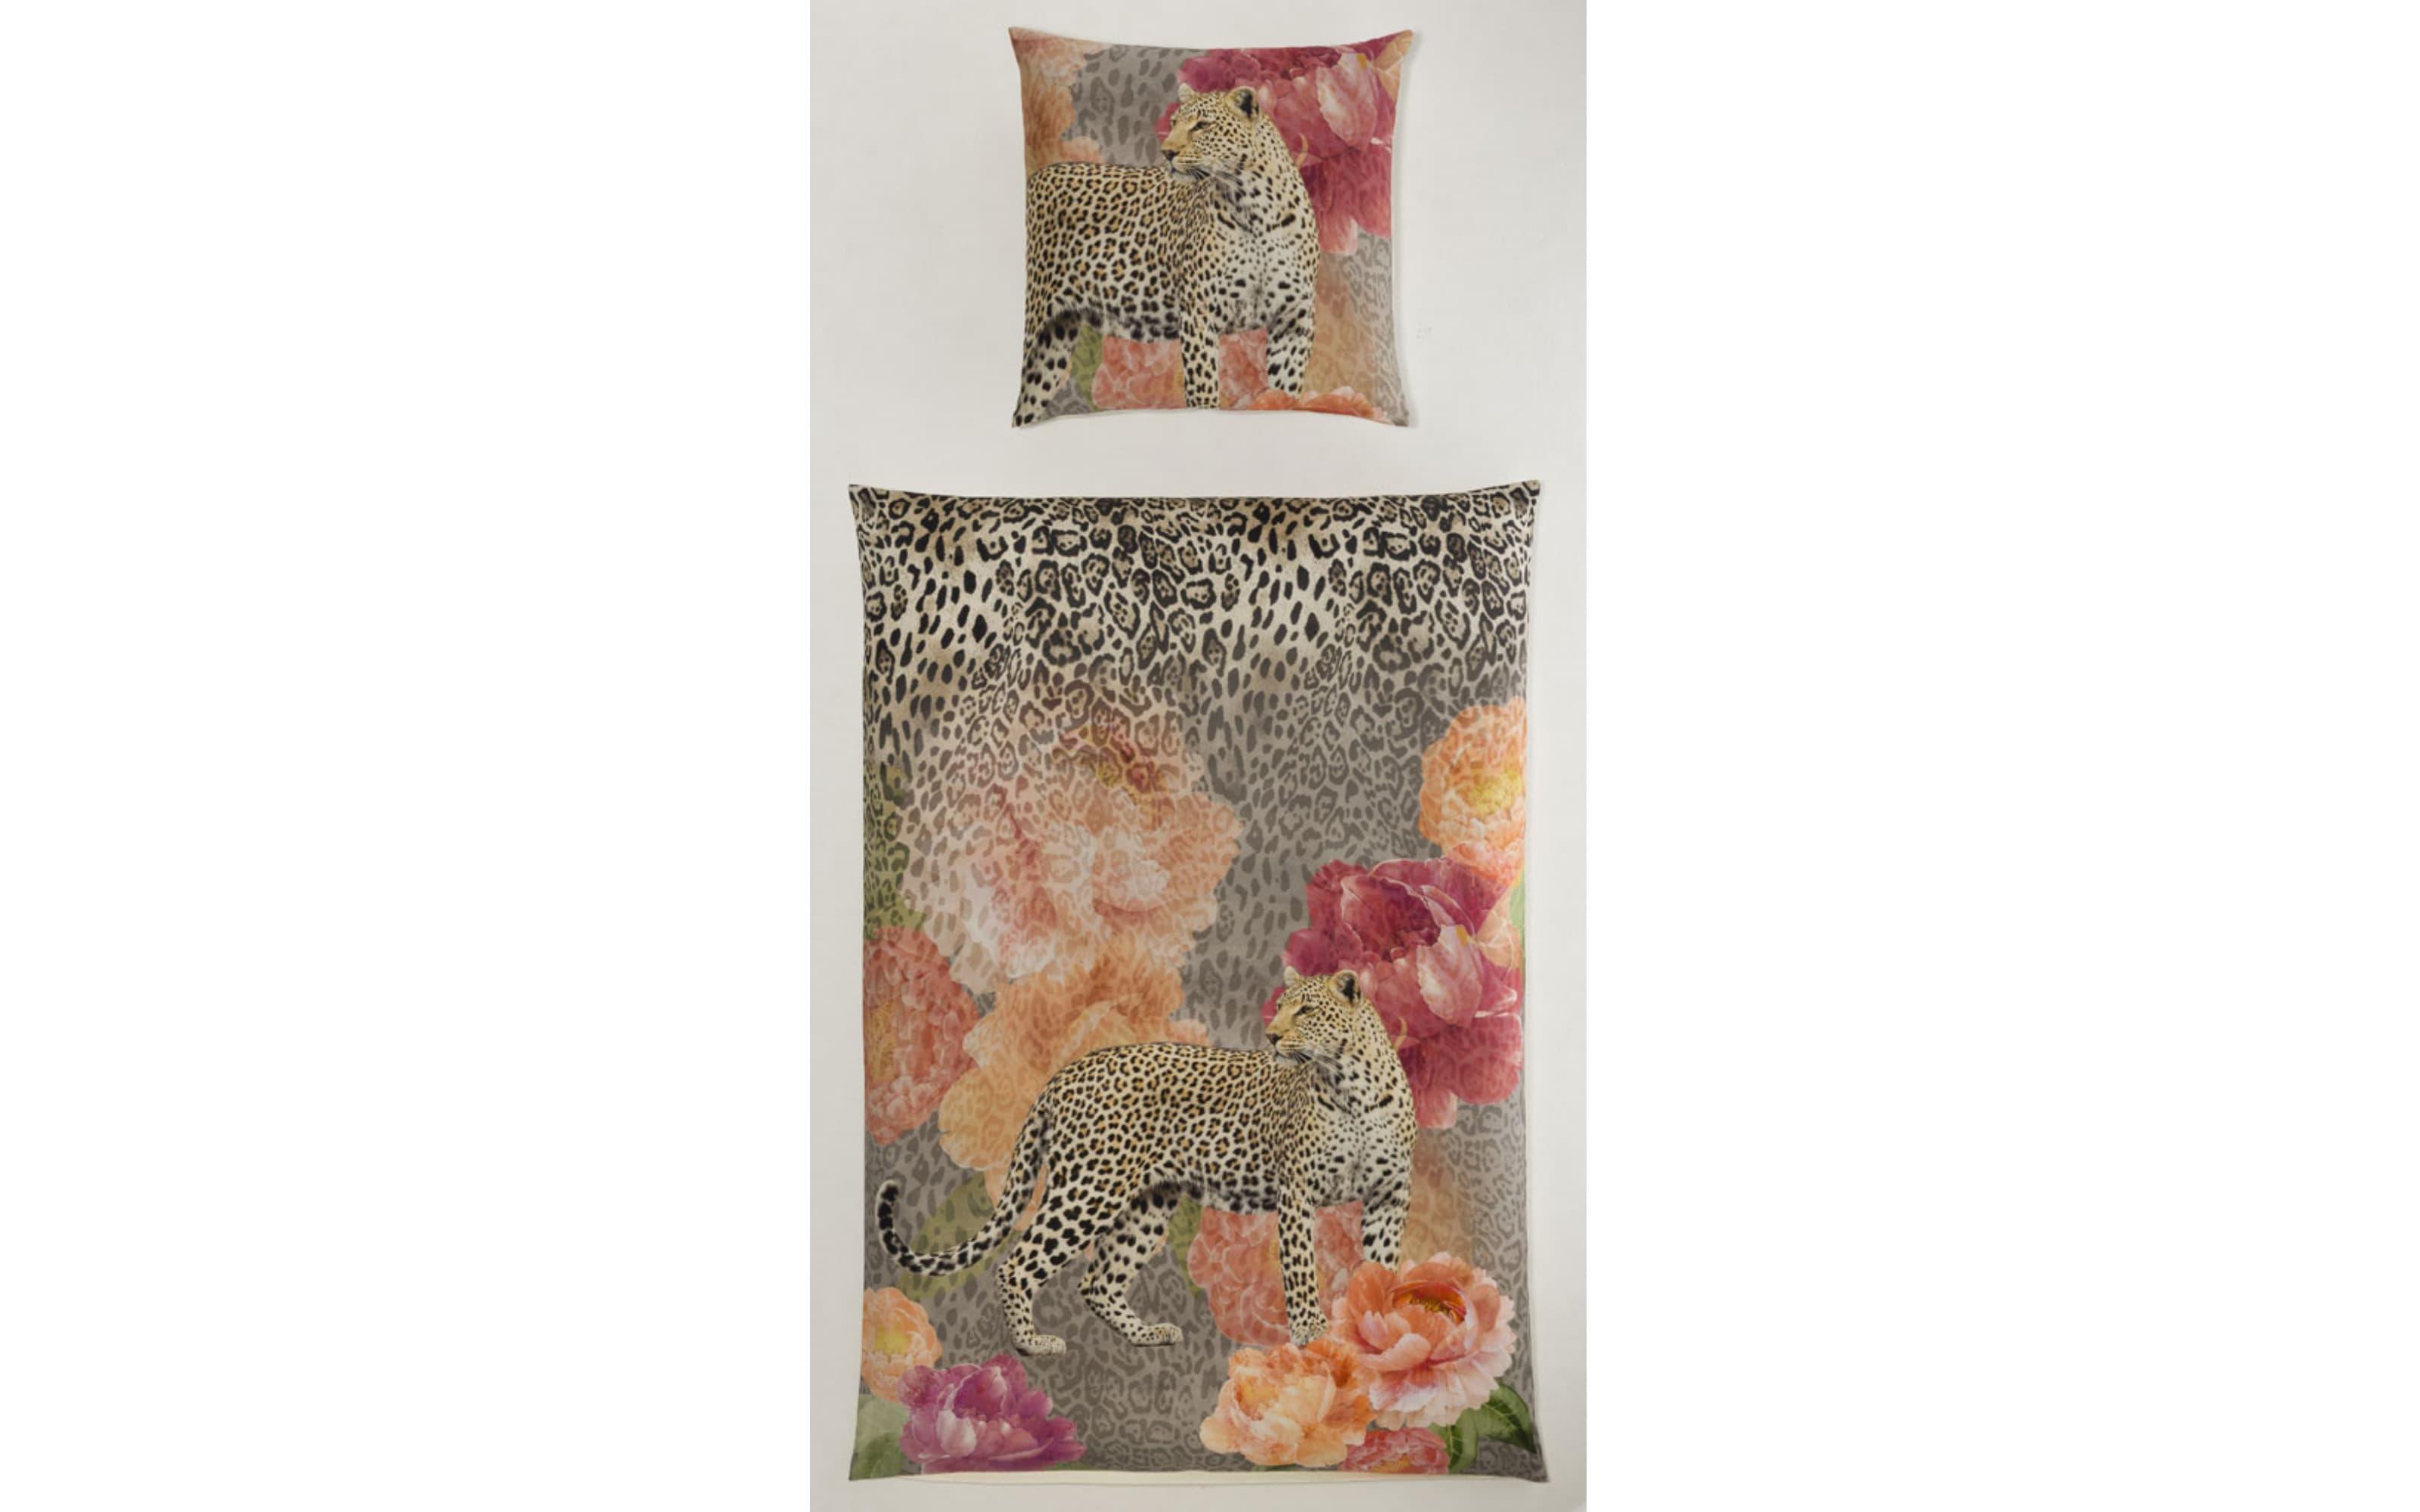 Bettwäsche in Satin und Leoparden Design, ca. 200 x 200 cm